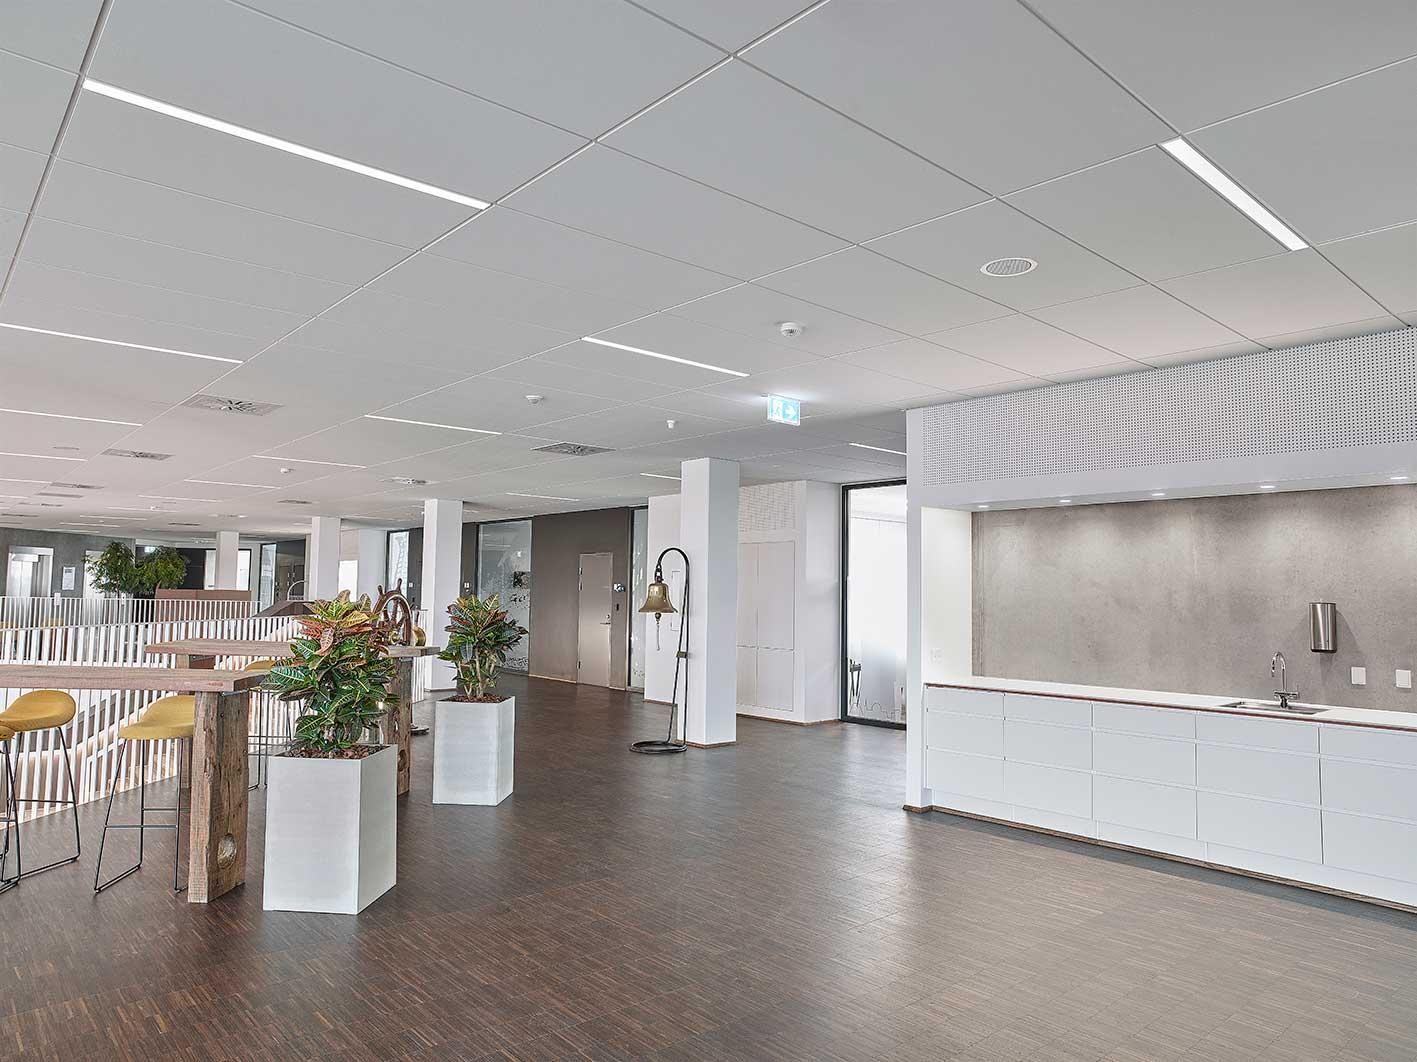 Matric Recessed Frameless M1 lampe indbygget i loftet i lounge og fællesområderne - Luminex